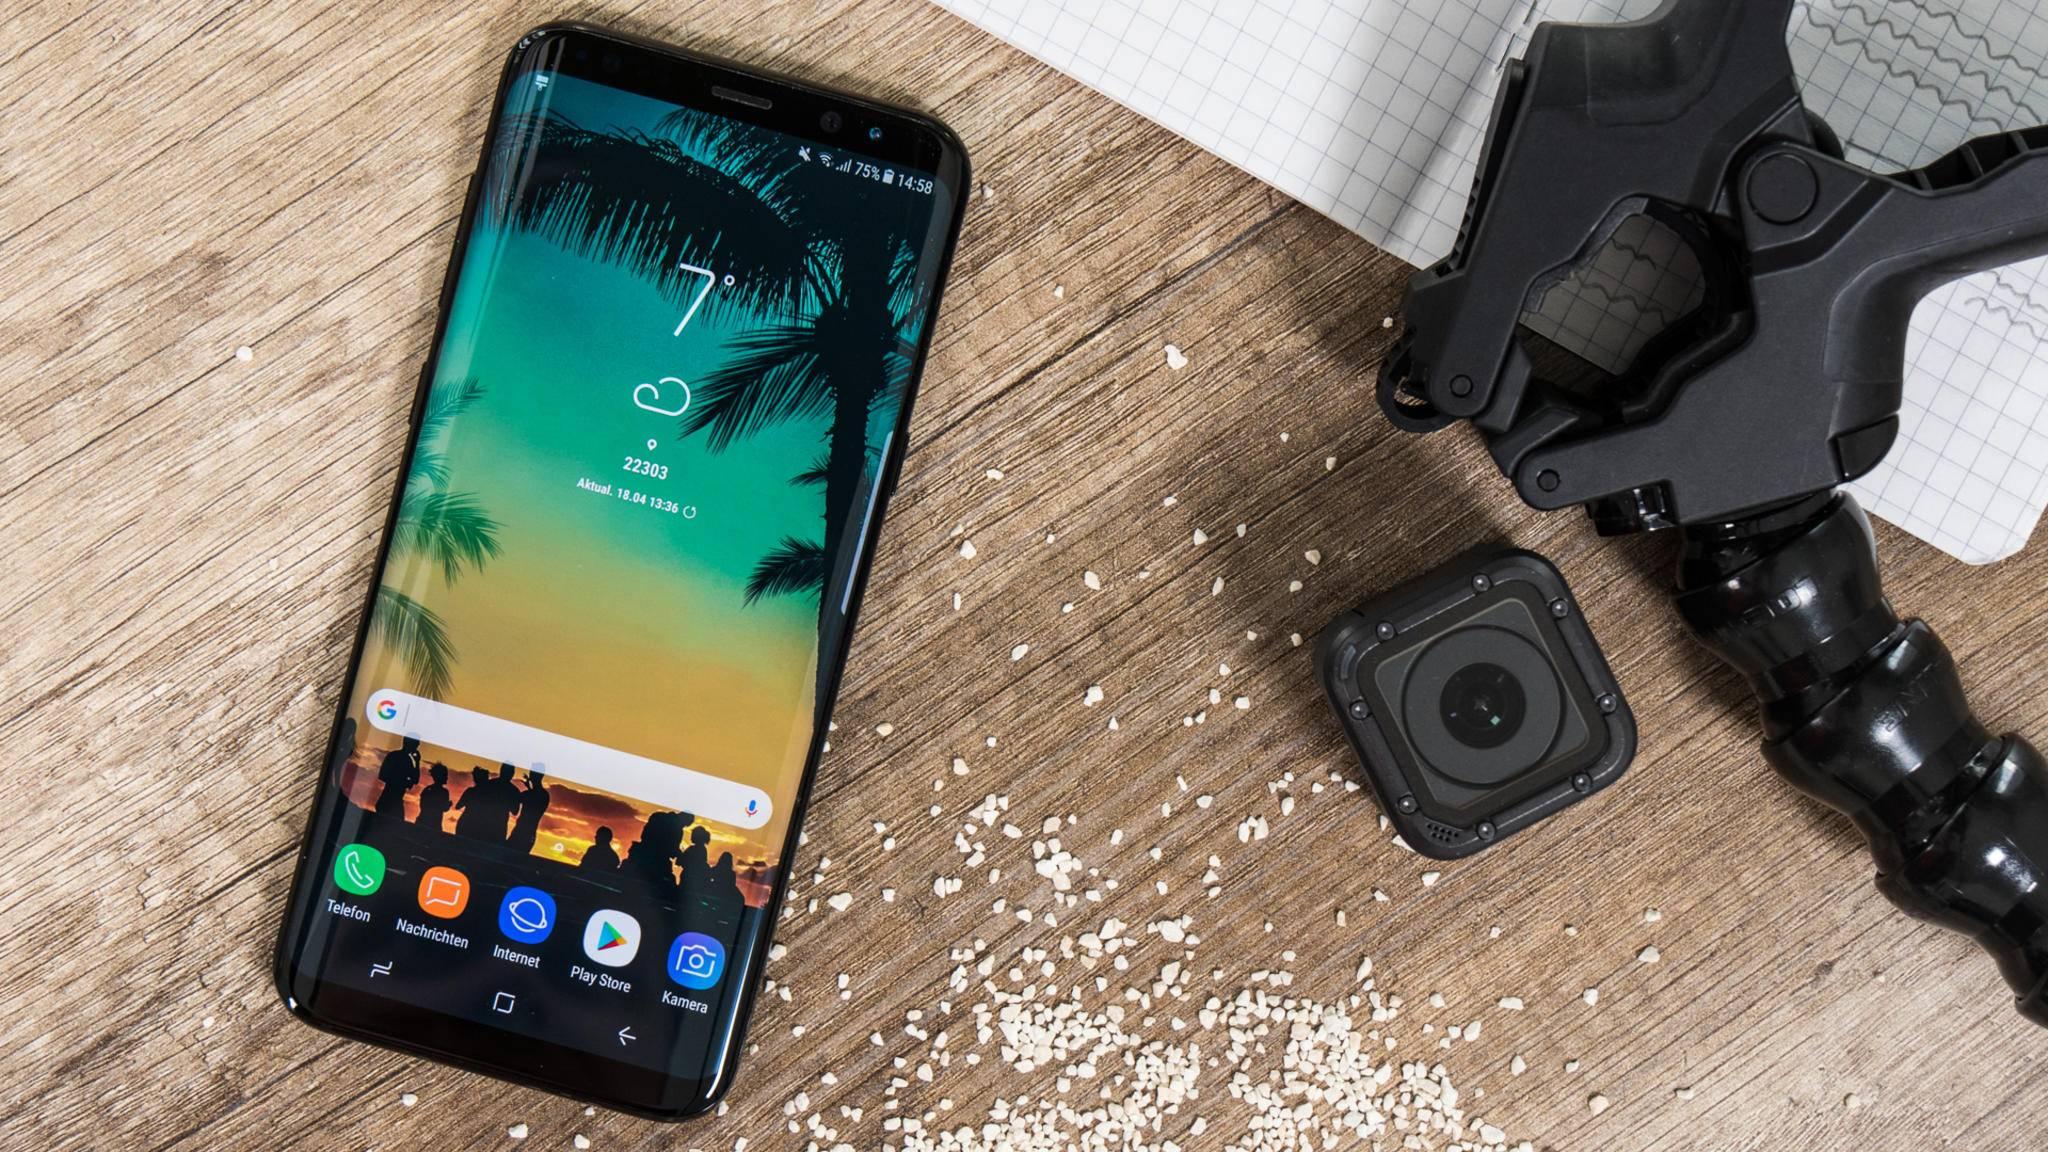 Das Galaxy S8 ist mit vorinstallierter McAfee-Schutzsoftware ausgestattet.